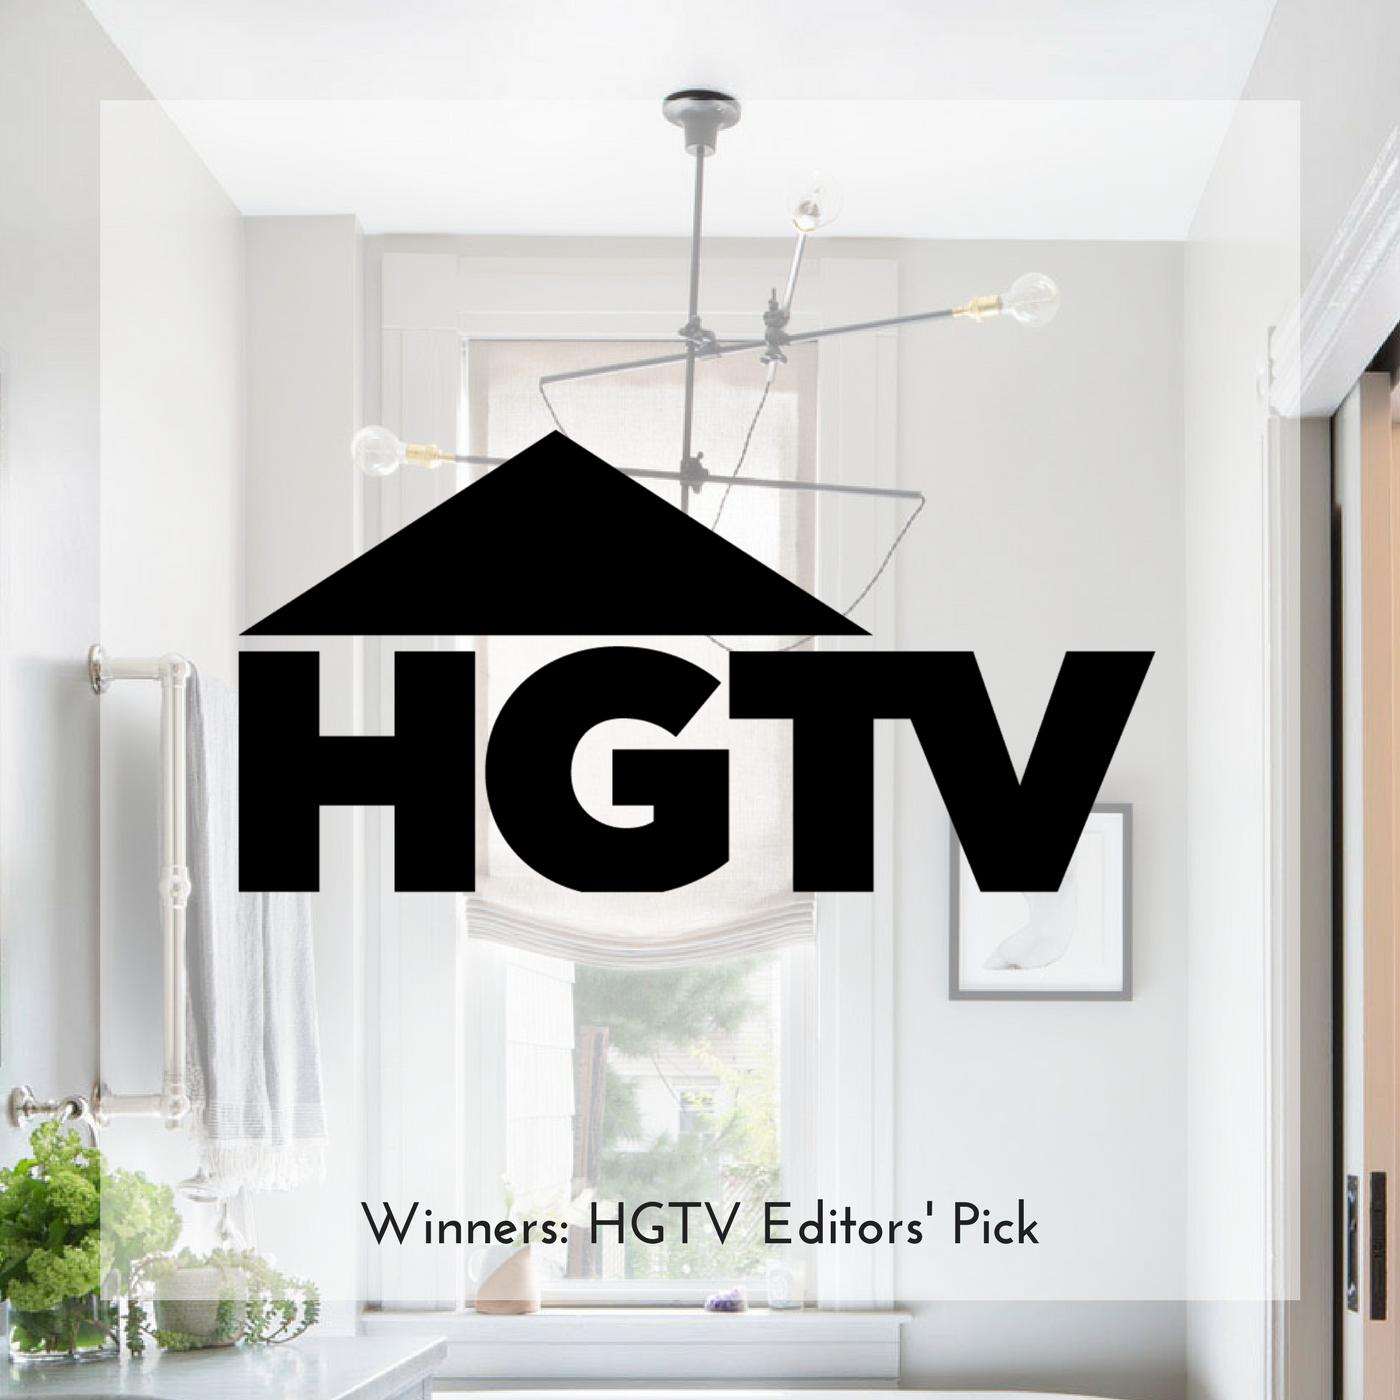 HGTV - A. Jennison